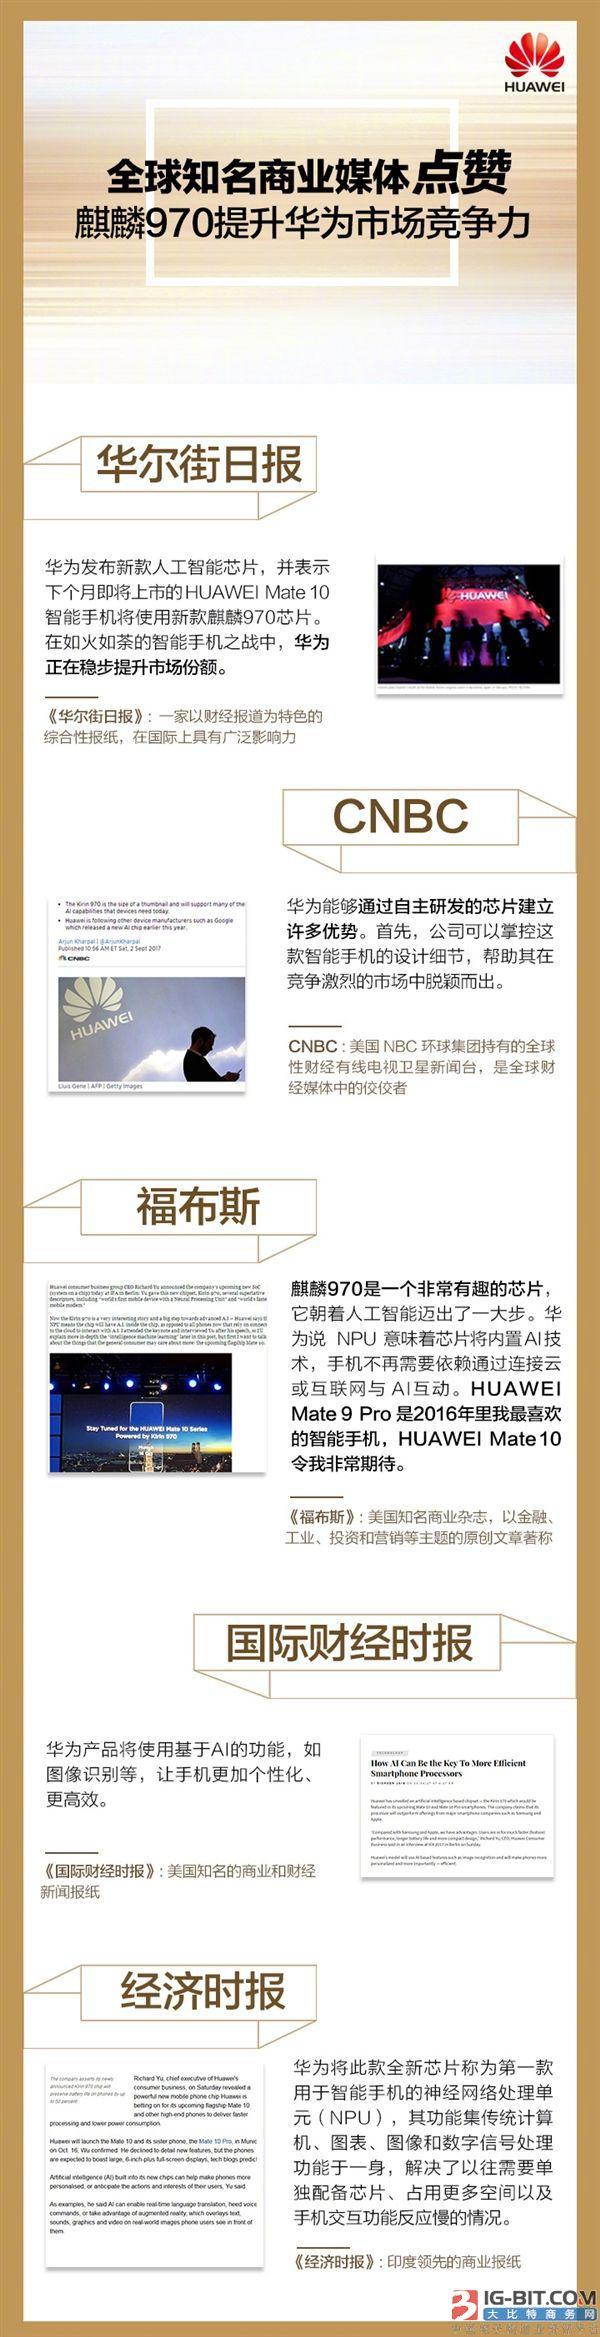 华为麒麟970芯片海外口碑爆棚:全球知名媒体齐点赞